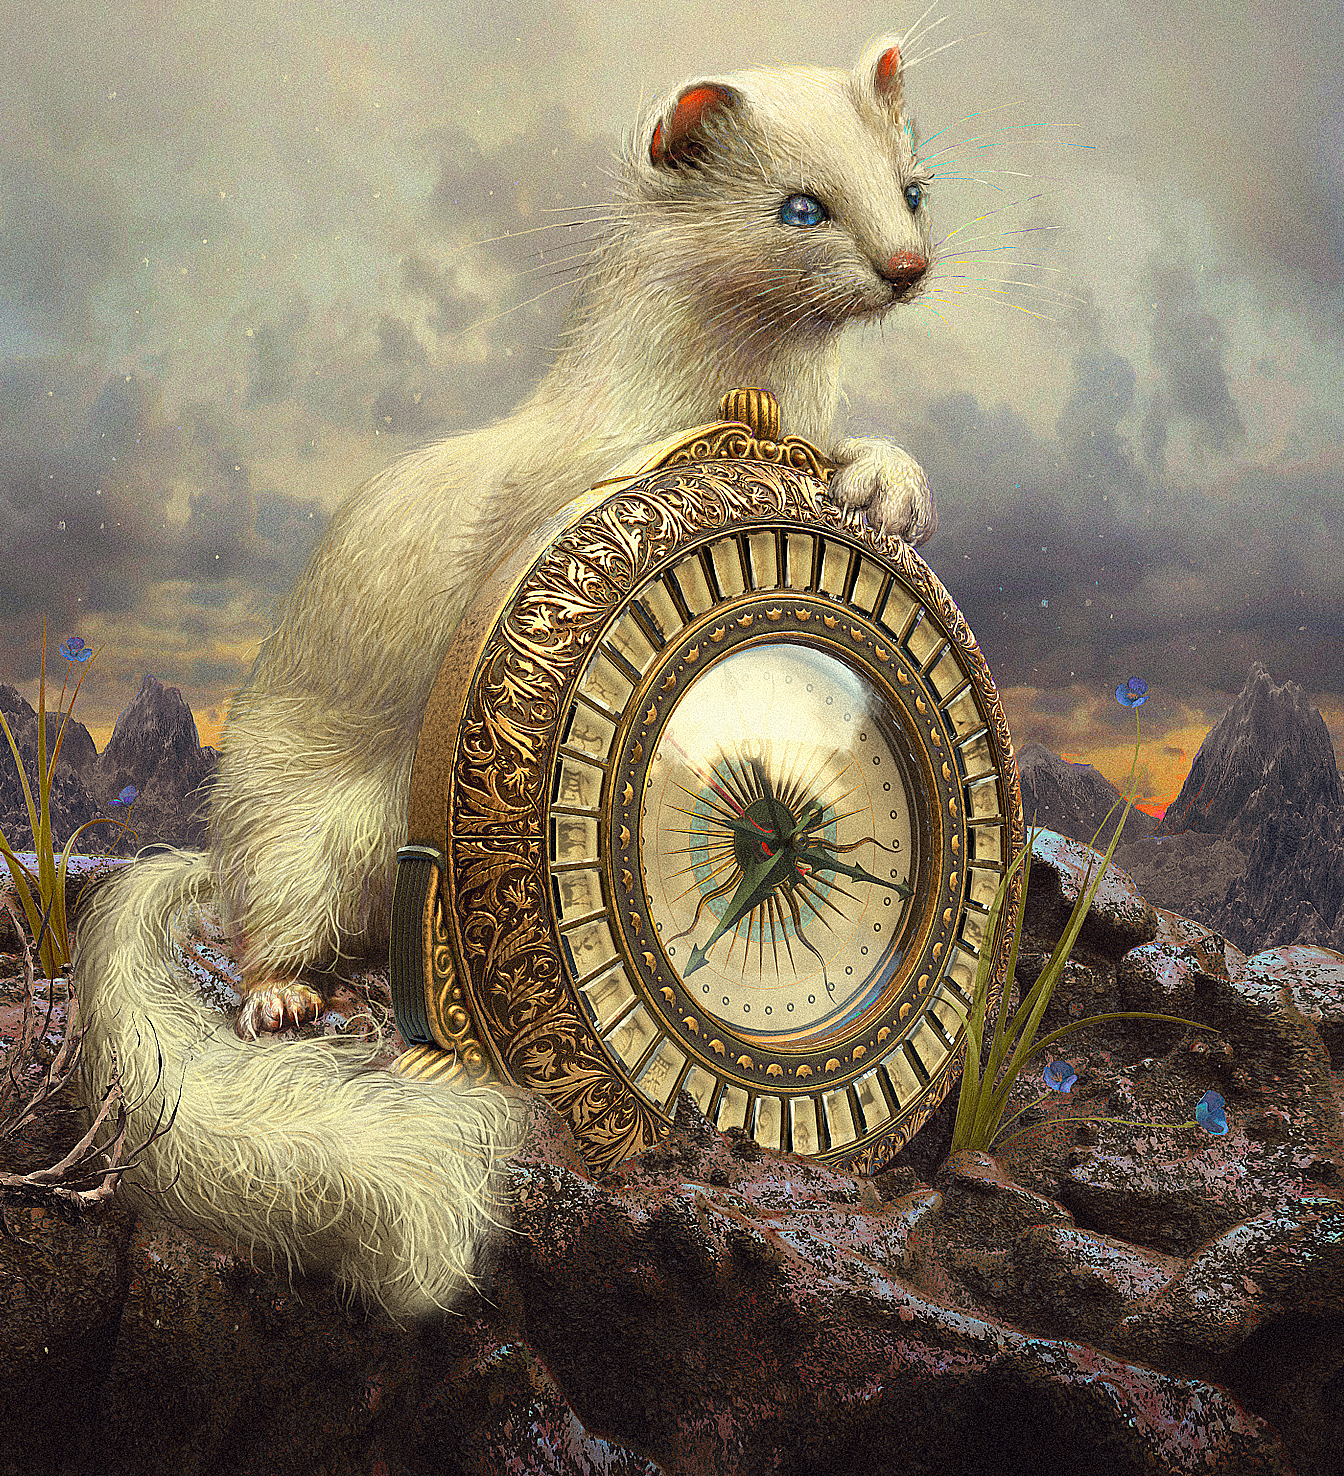 the_golden_compass_by_25kartinok-d9nuwxn